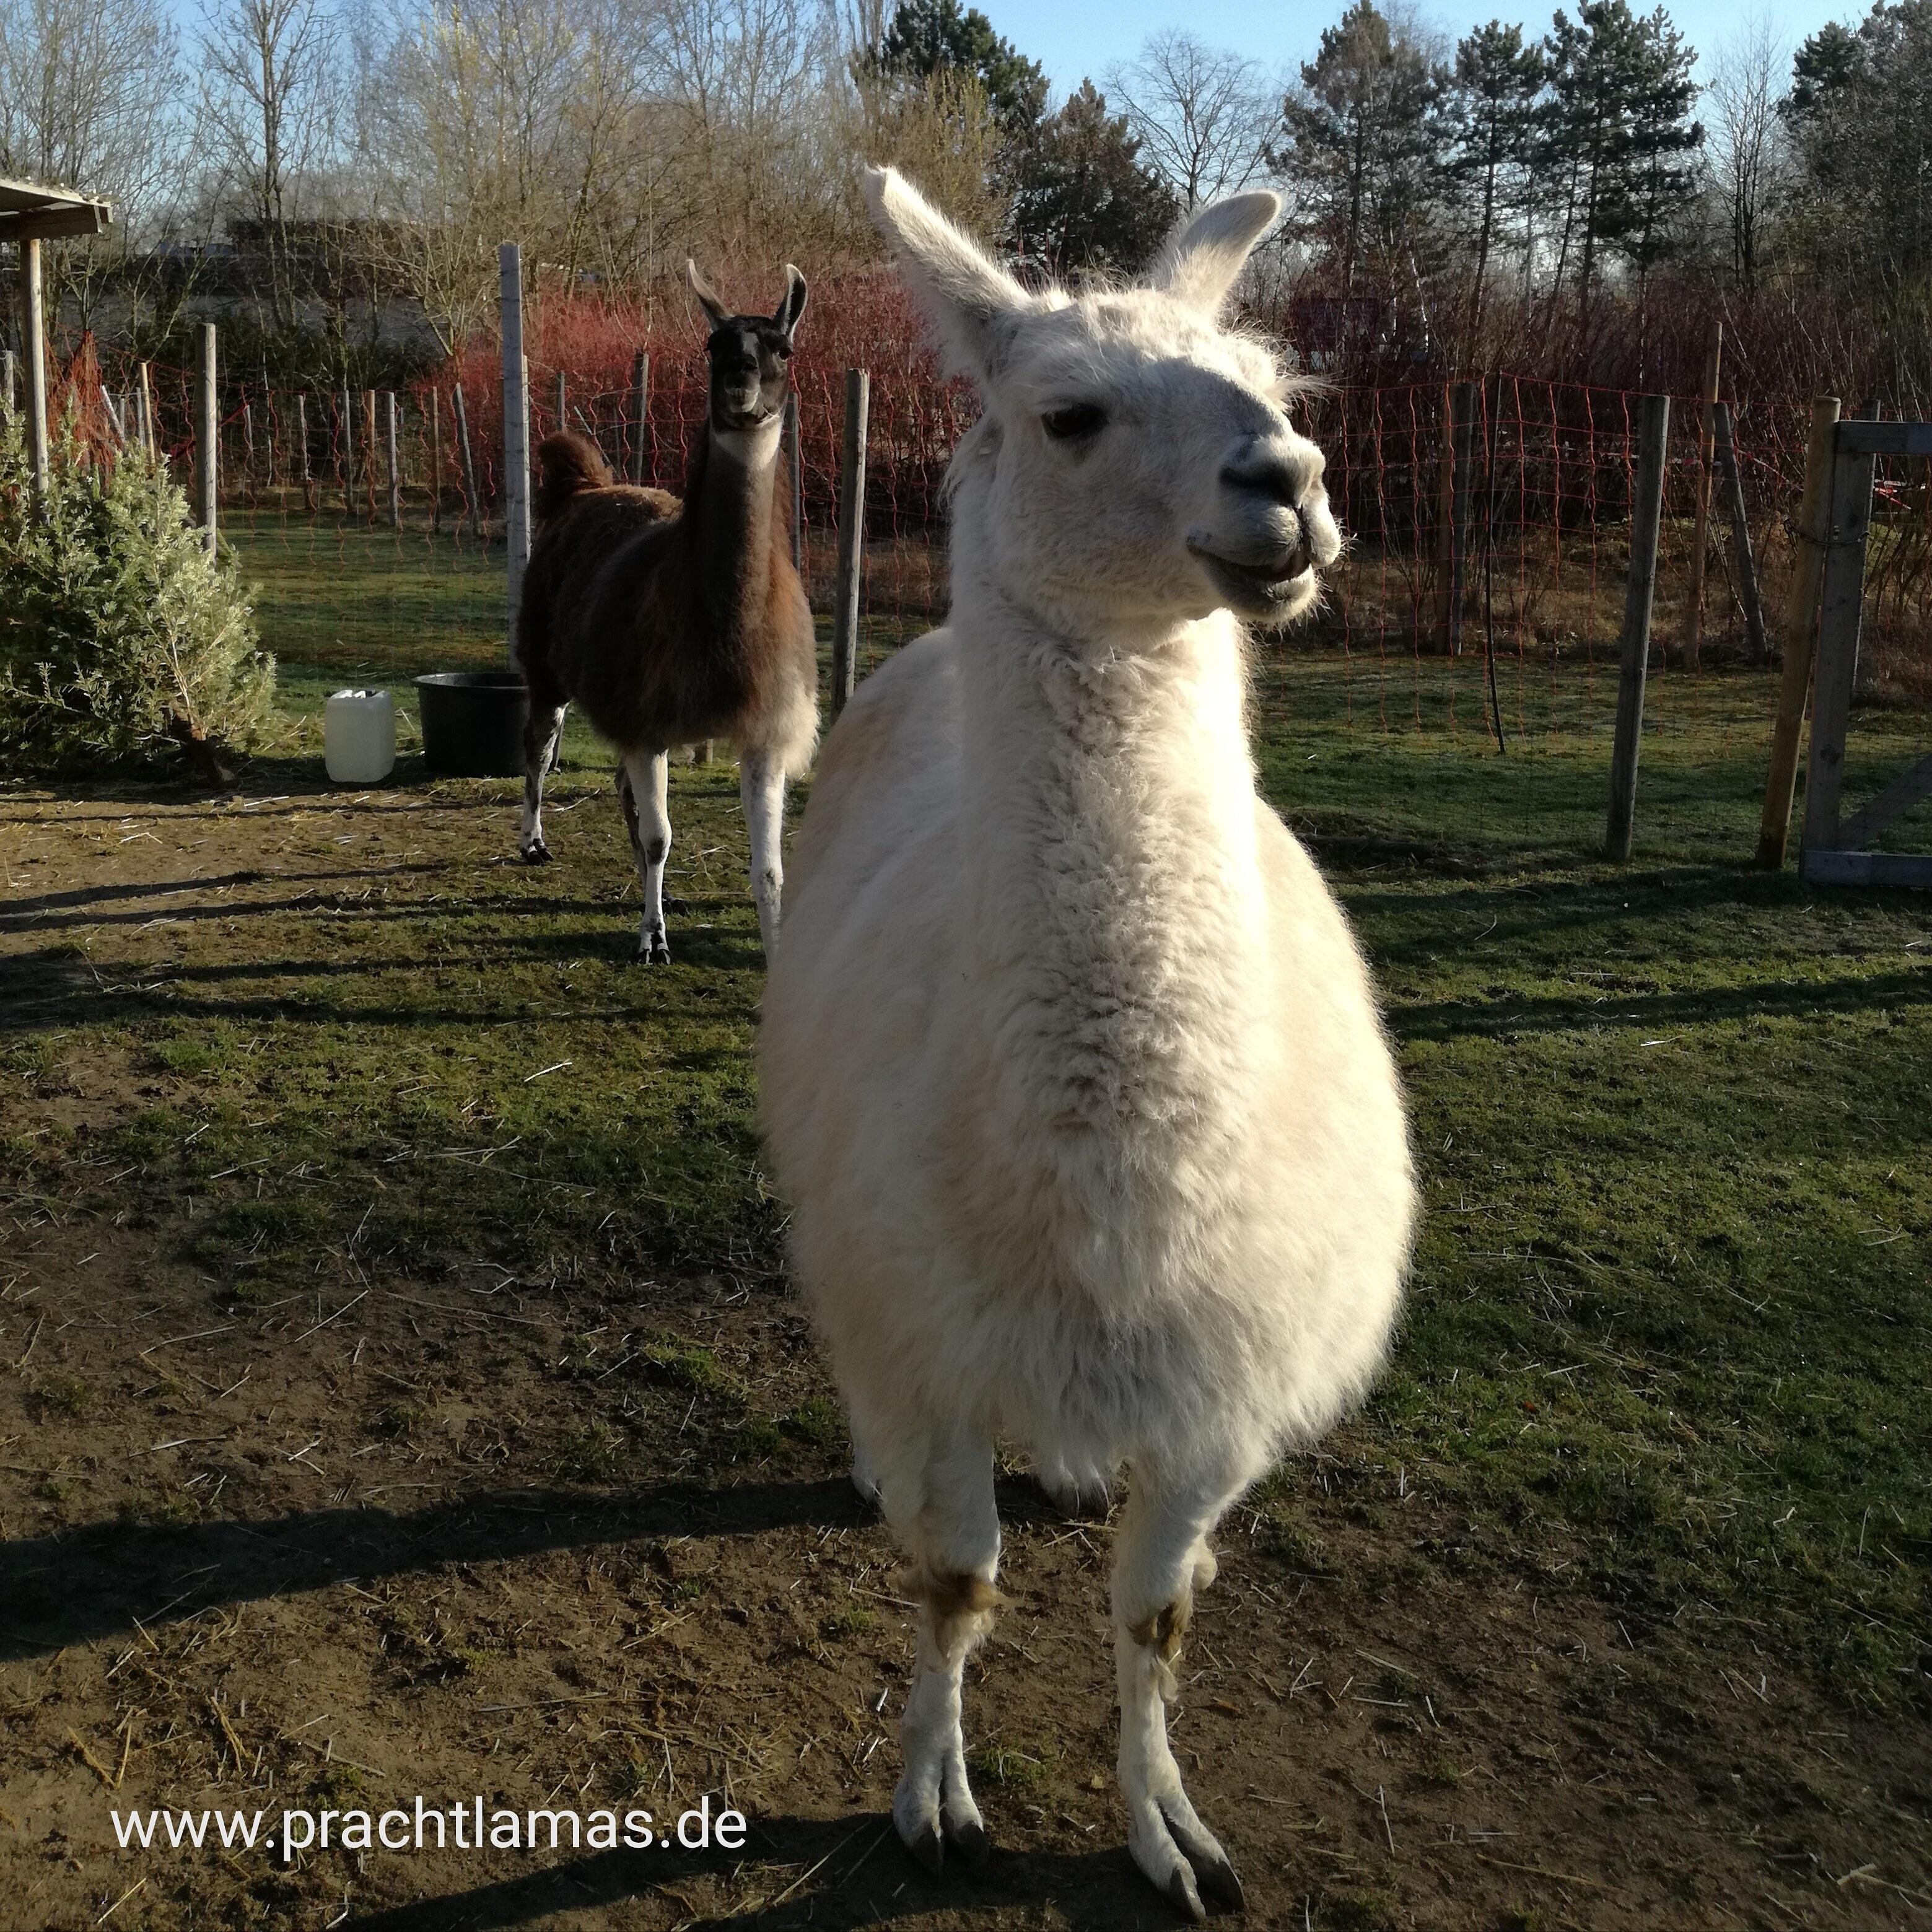 Lama Dancer freut sich auf eine achtsame Mensch-Tier-Begegnung mit Lamas